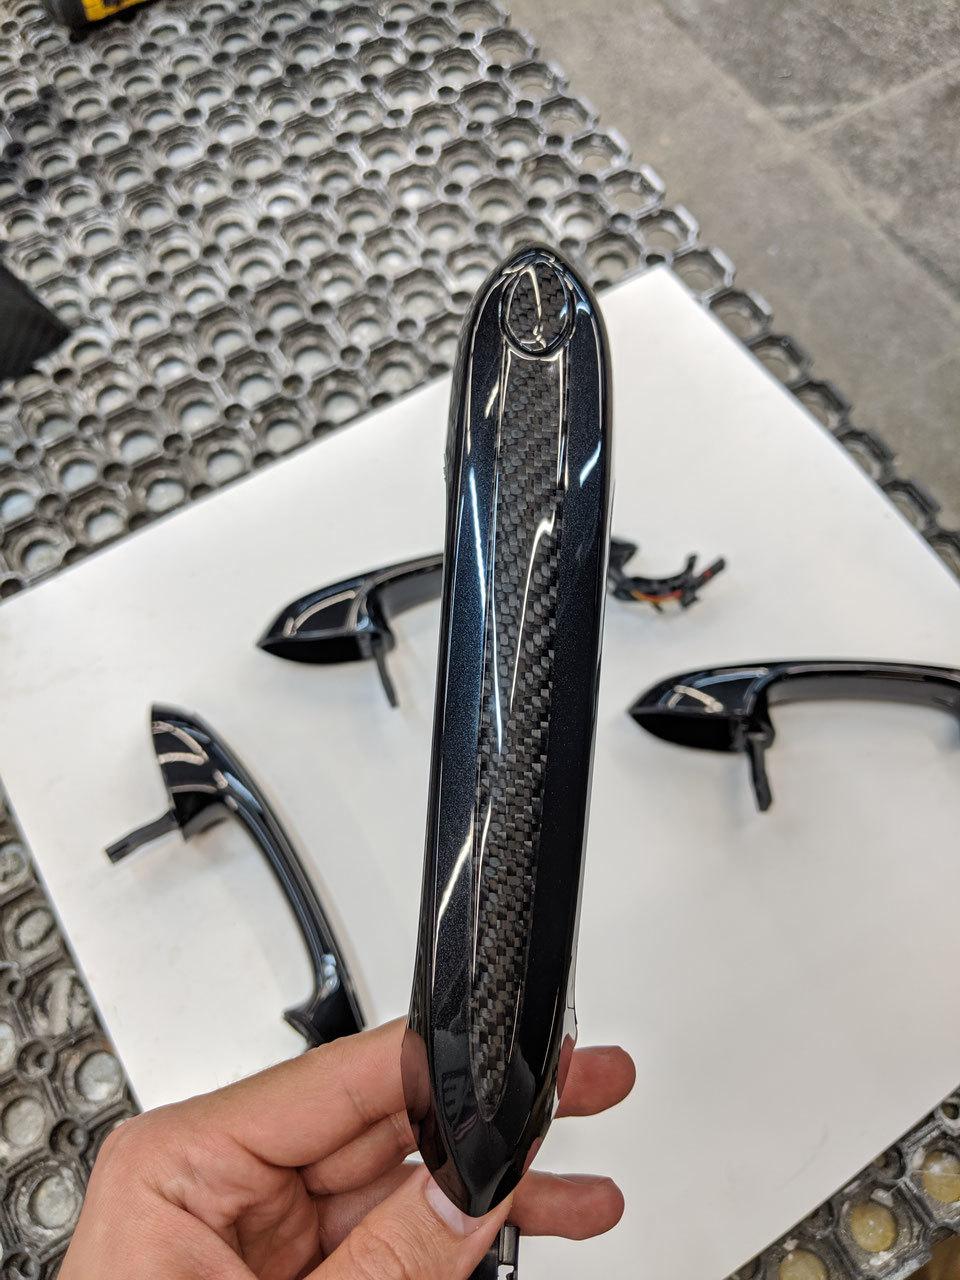 Hodoor Performance Carbon fiber door handles inserts BMW X5 G05